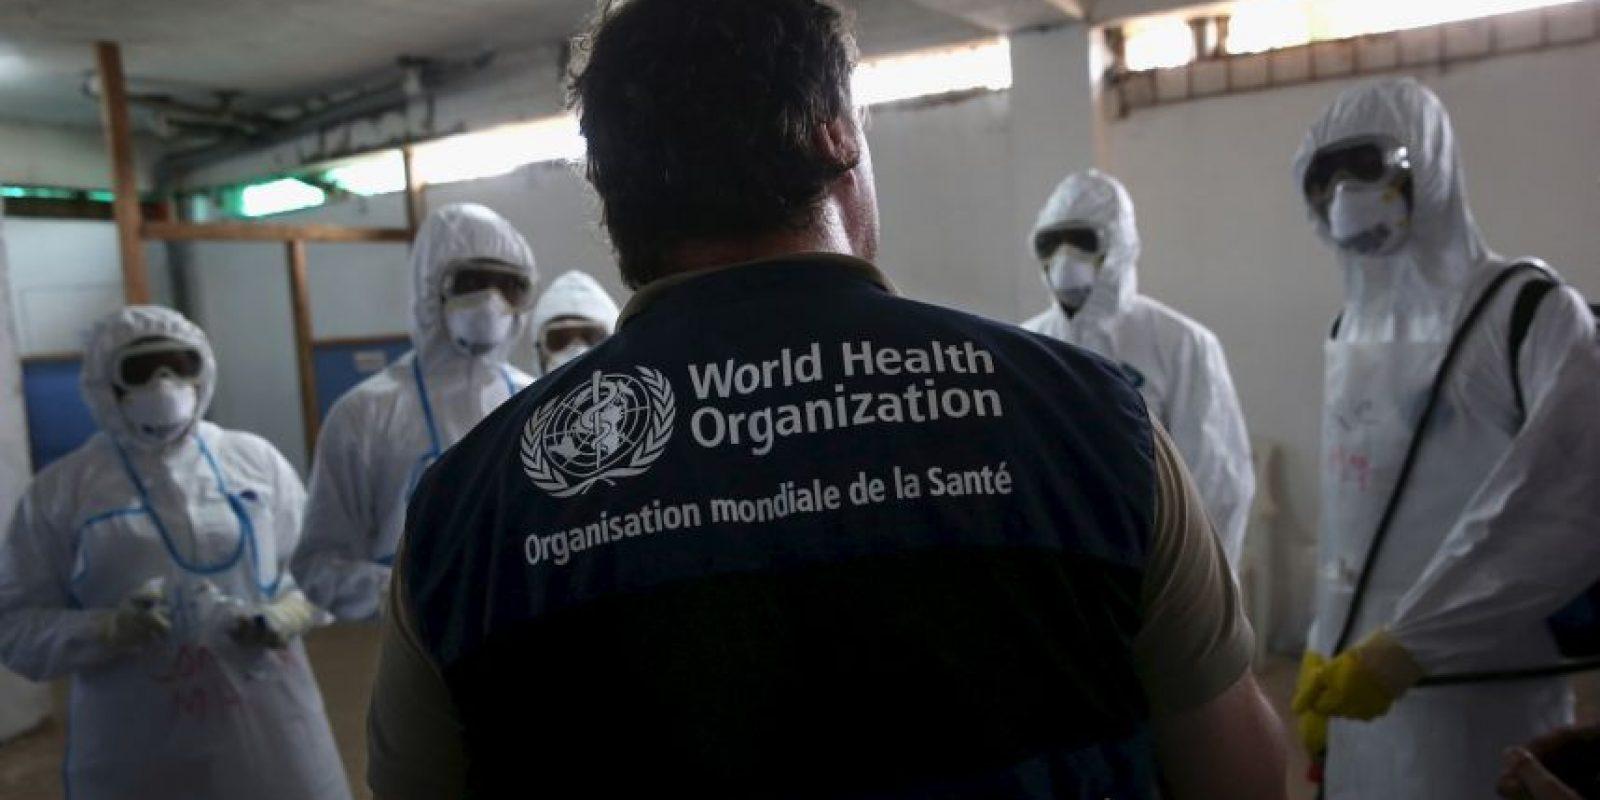 Desde el año 2000, se han salvado más de 37 millones de vidas gracias al diagnóstico y el tratamiento efectivos. Foto:Getty